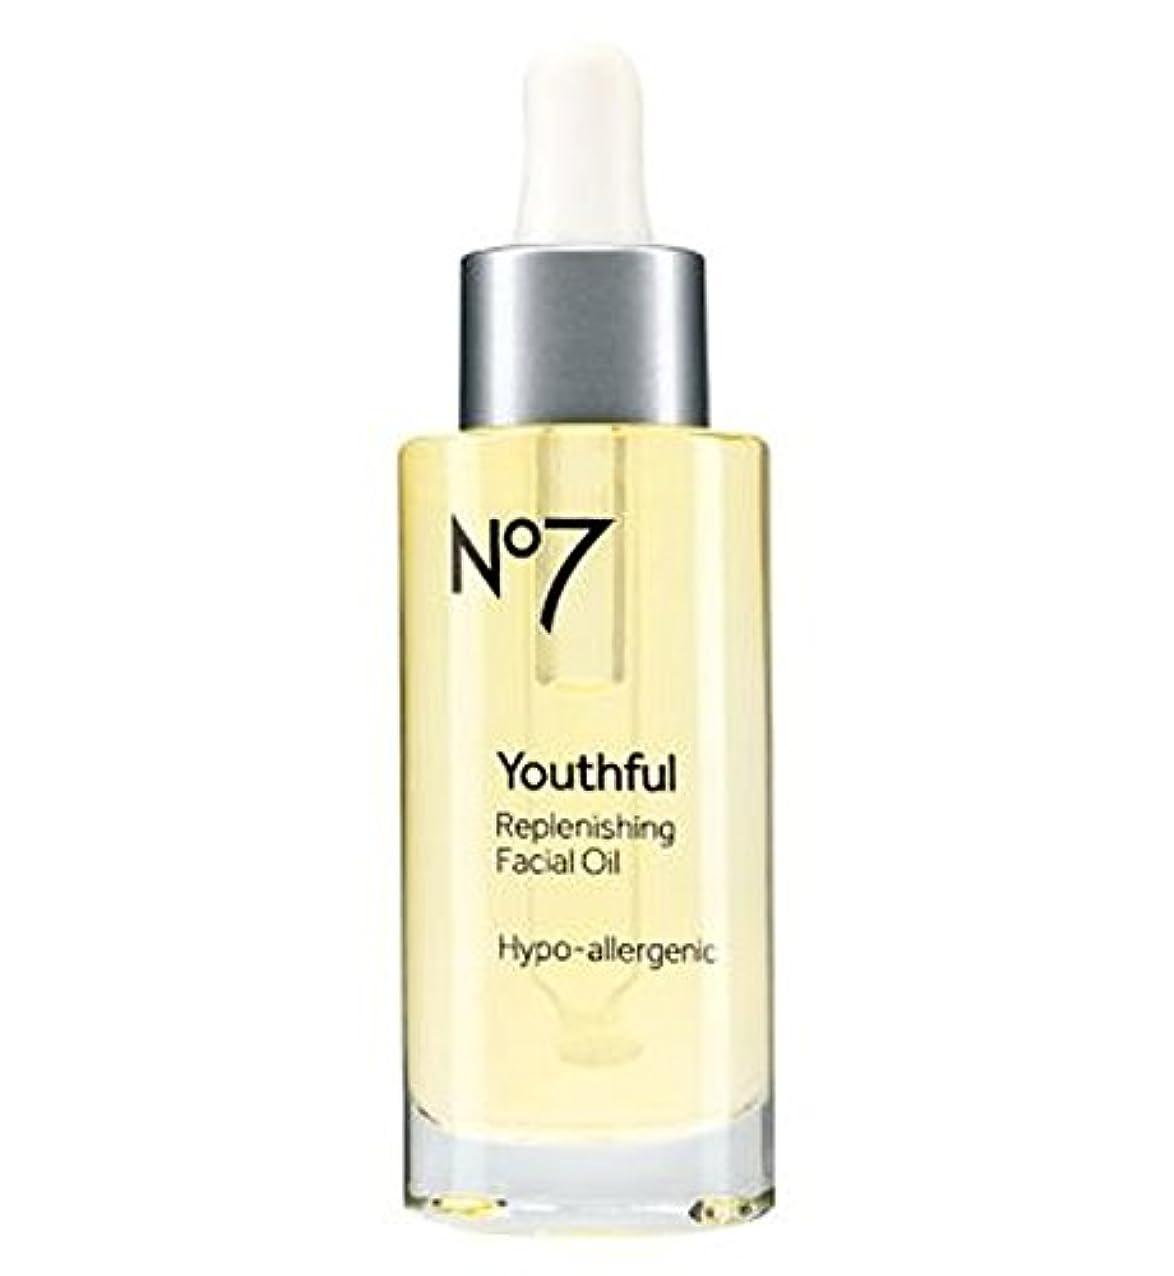 評議会大使本質的にNo7若々しい補給フェイシャルオイル30ミリリットル (No7) (x2) - No7 Youthful Replenishing Facial Oil 30ml (Pack of 2) [並行輸入品]